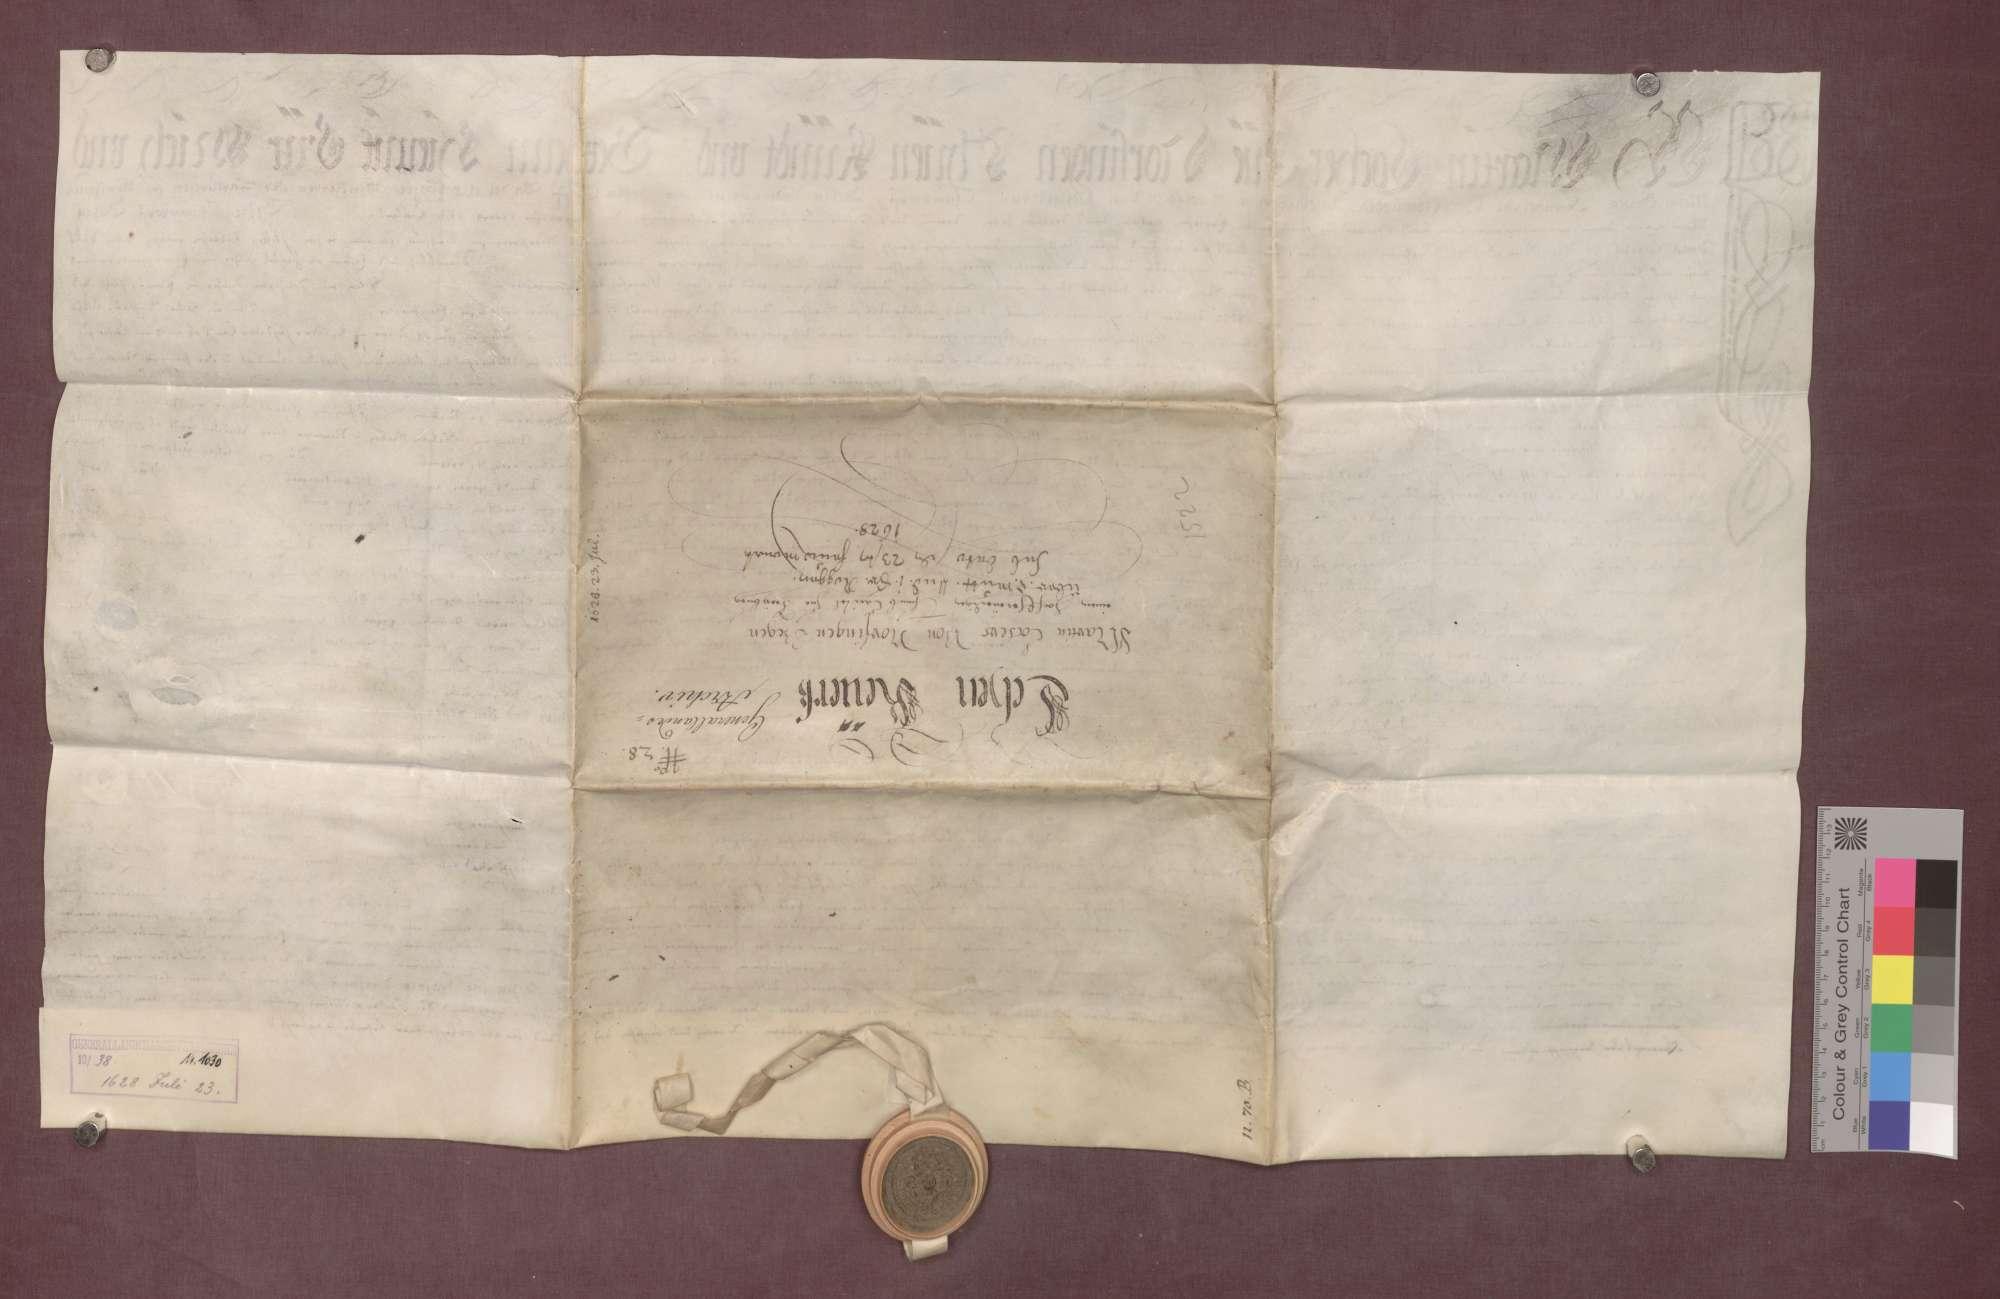 Lehnrevers des Martin Locher von Norsingen gegenüber dem Basler Domkapitel., Bild 2